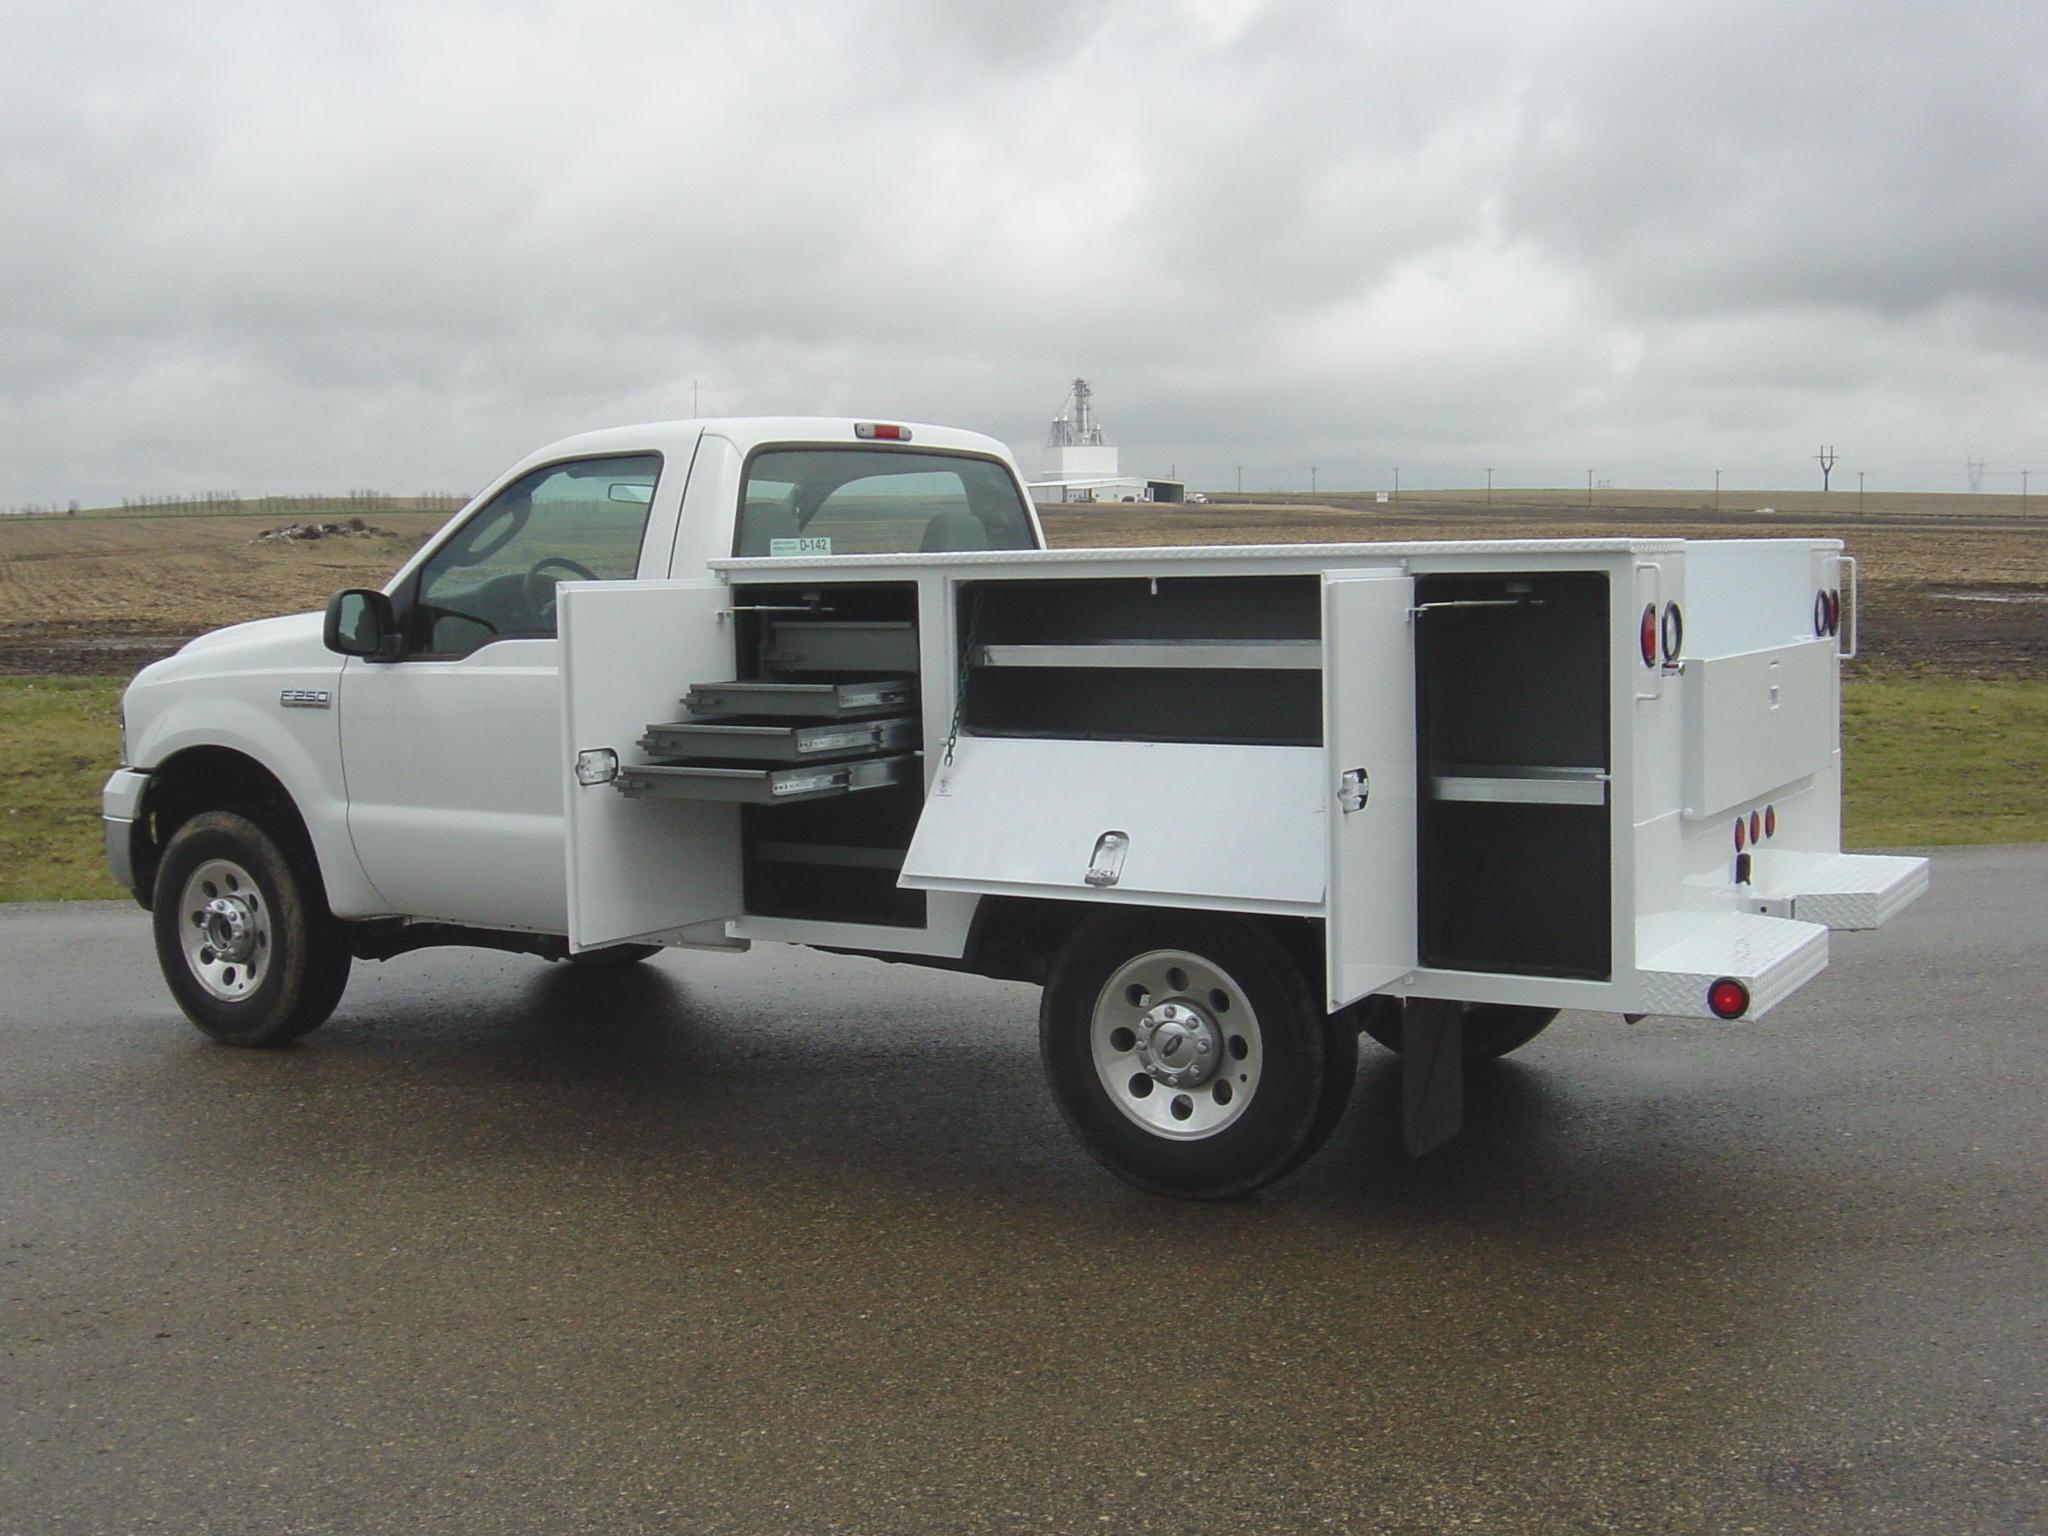 Dakota service bodies installed by Oklahoma Upfitters